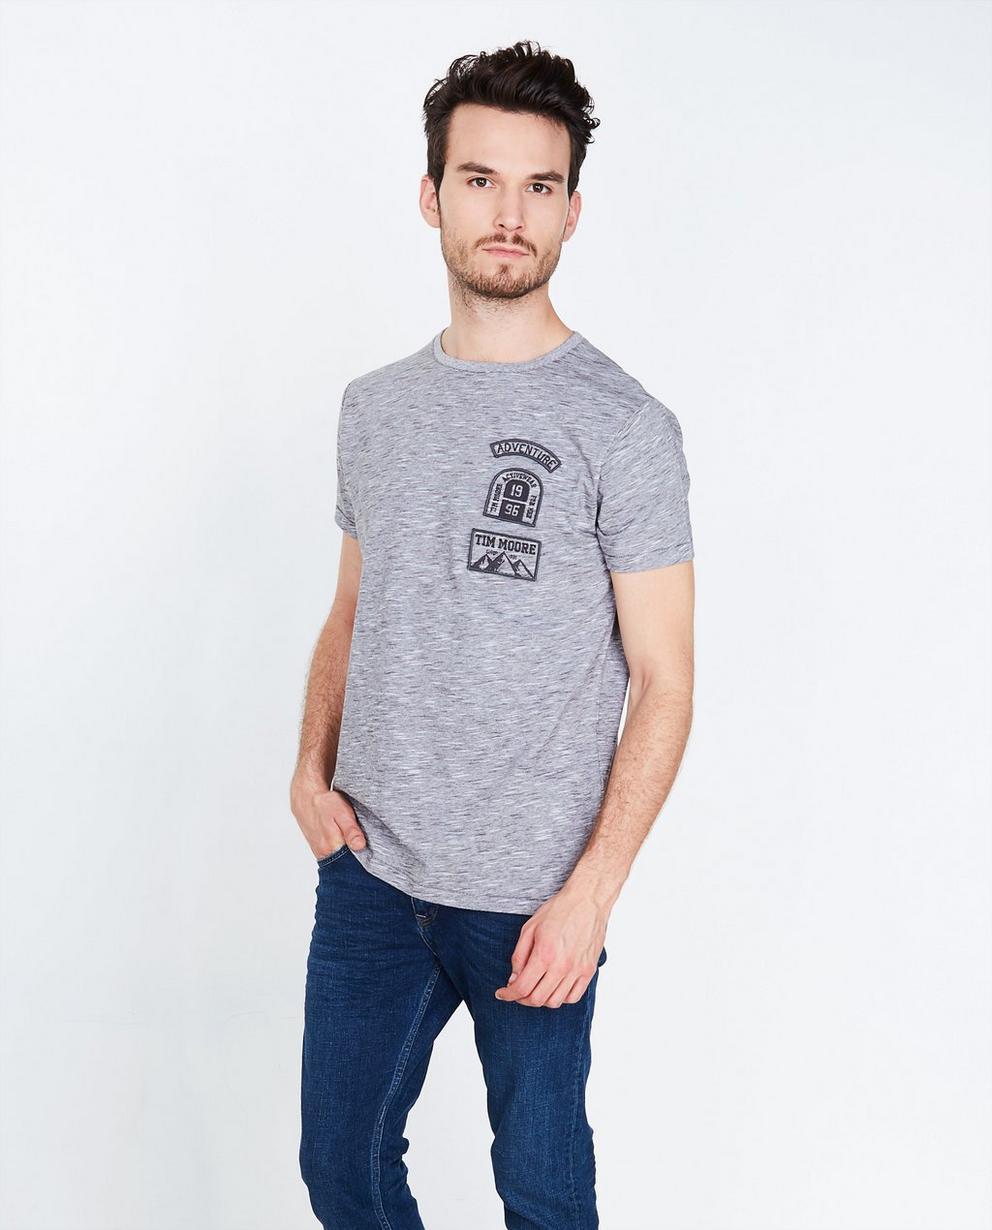 Grijs gemêleerd T-shirt - comfort fit - Tim Moore